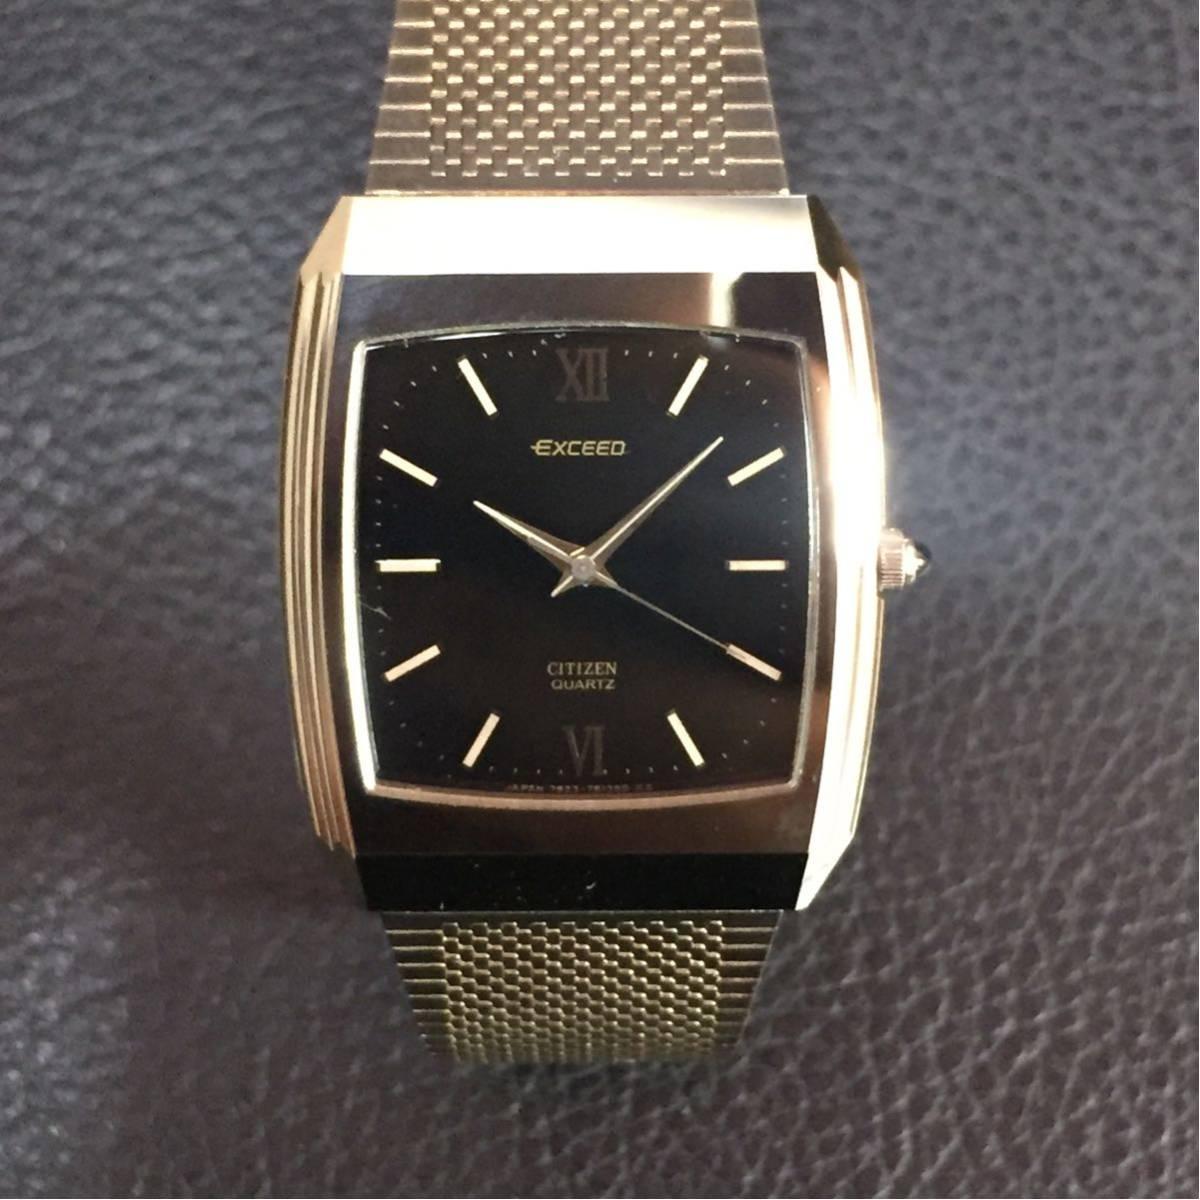 動作品【B-3】CITIZEN シチズン EXCEED エクシード 4-798392 クォーツ メンズ 腕時計_画像2